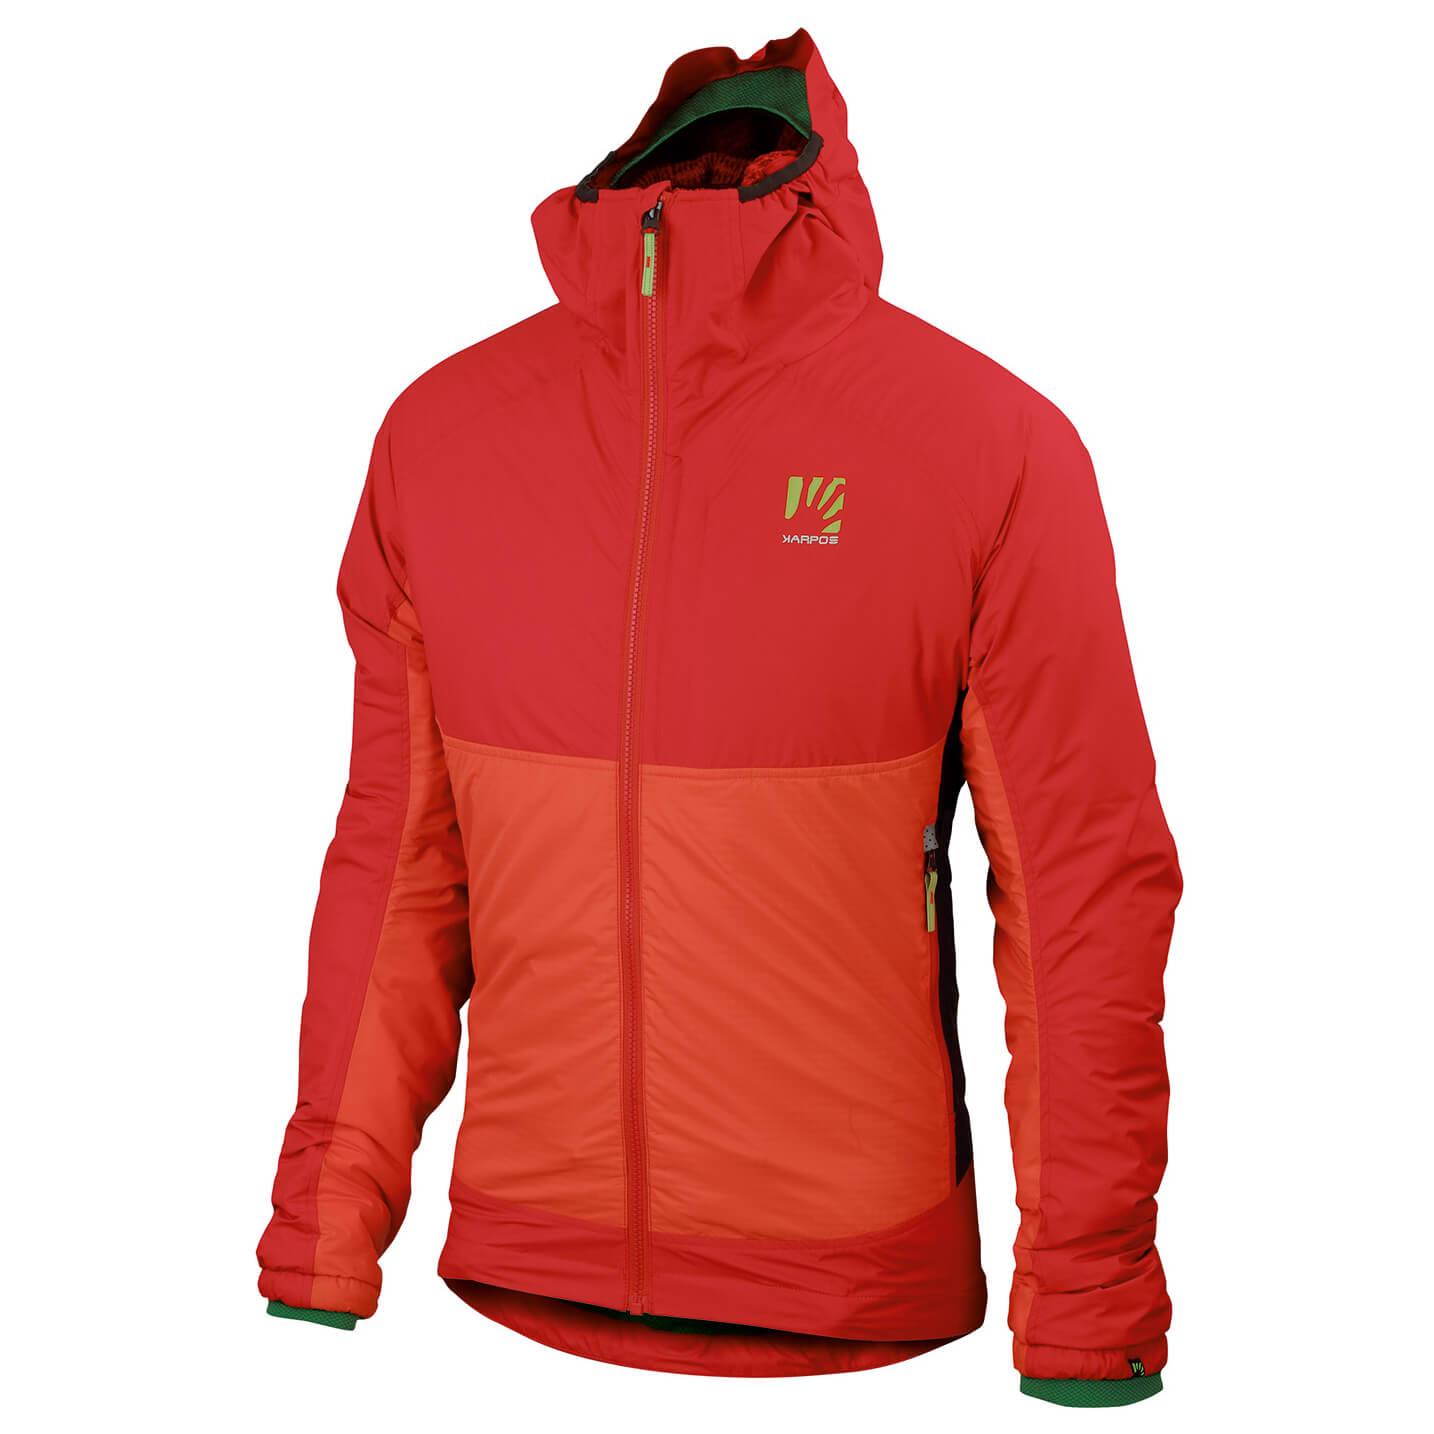 Karpos antartika jacket synthetic jacket men 39 s free uk for Synthetic shirts for hiking